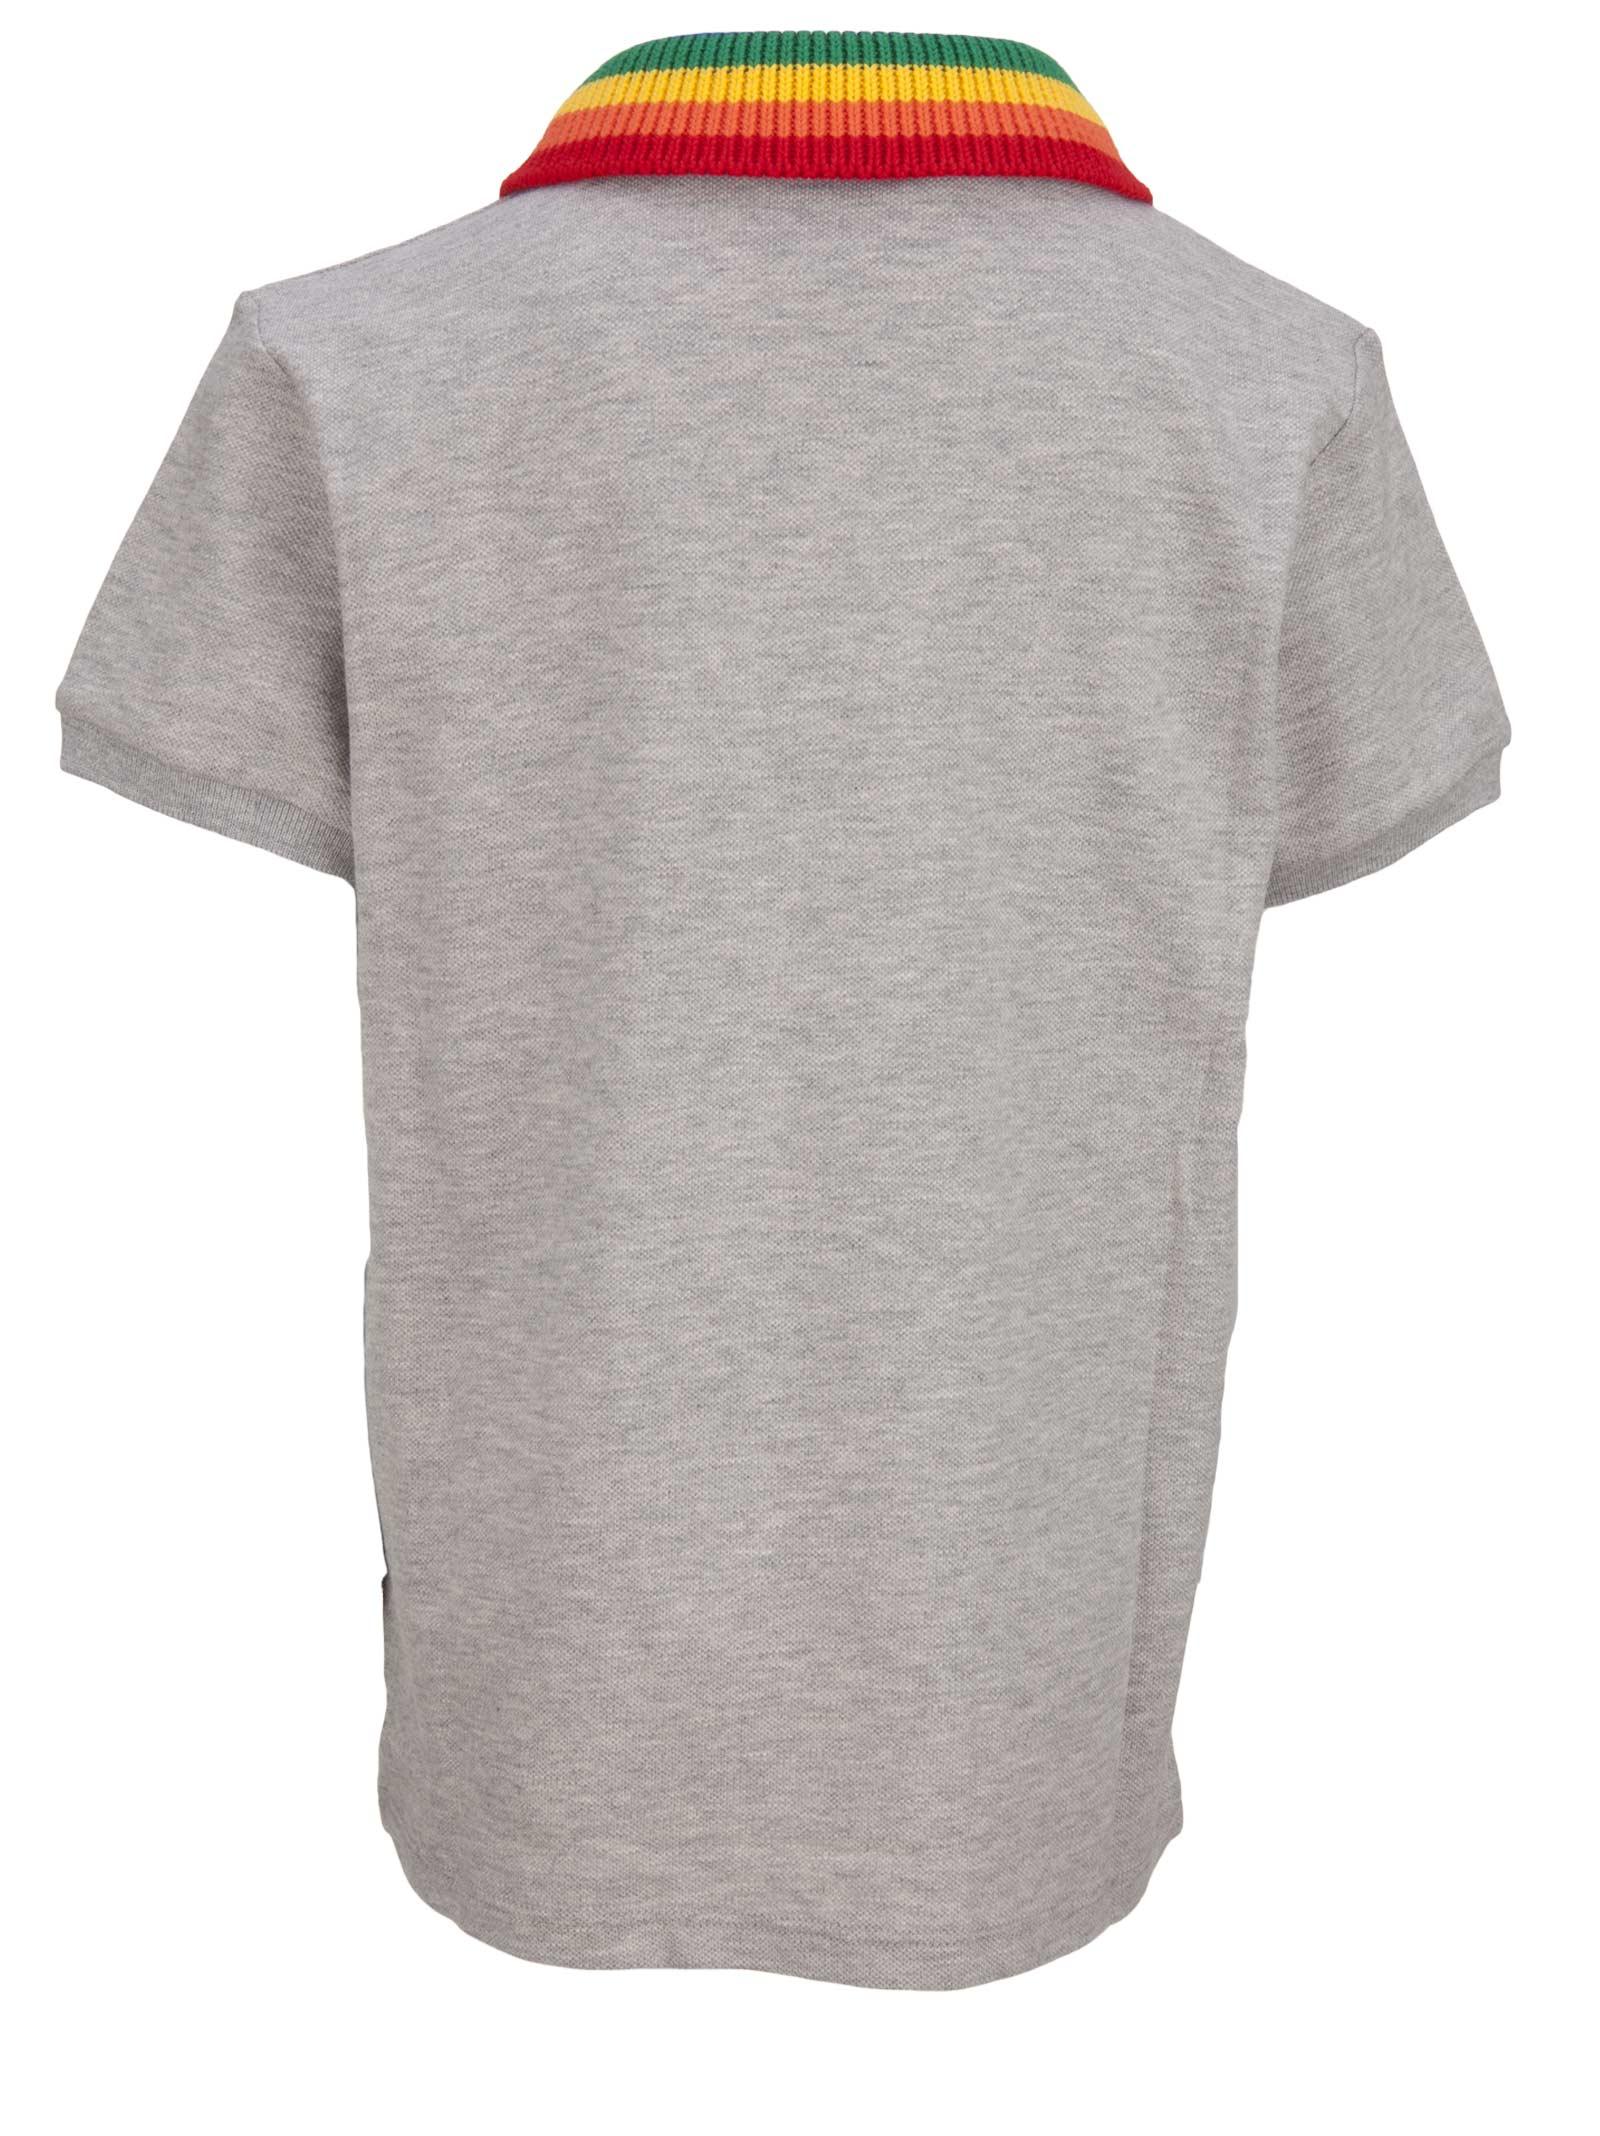 4f5ee43982 Gucci Junior Polo shirt - Gucci Junior - Michele Franzese Moda